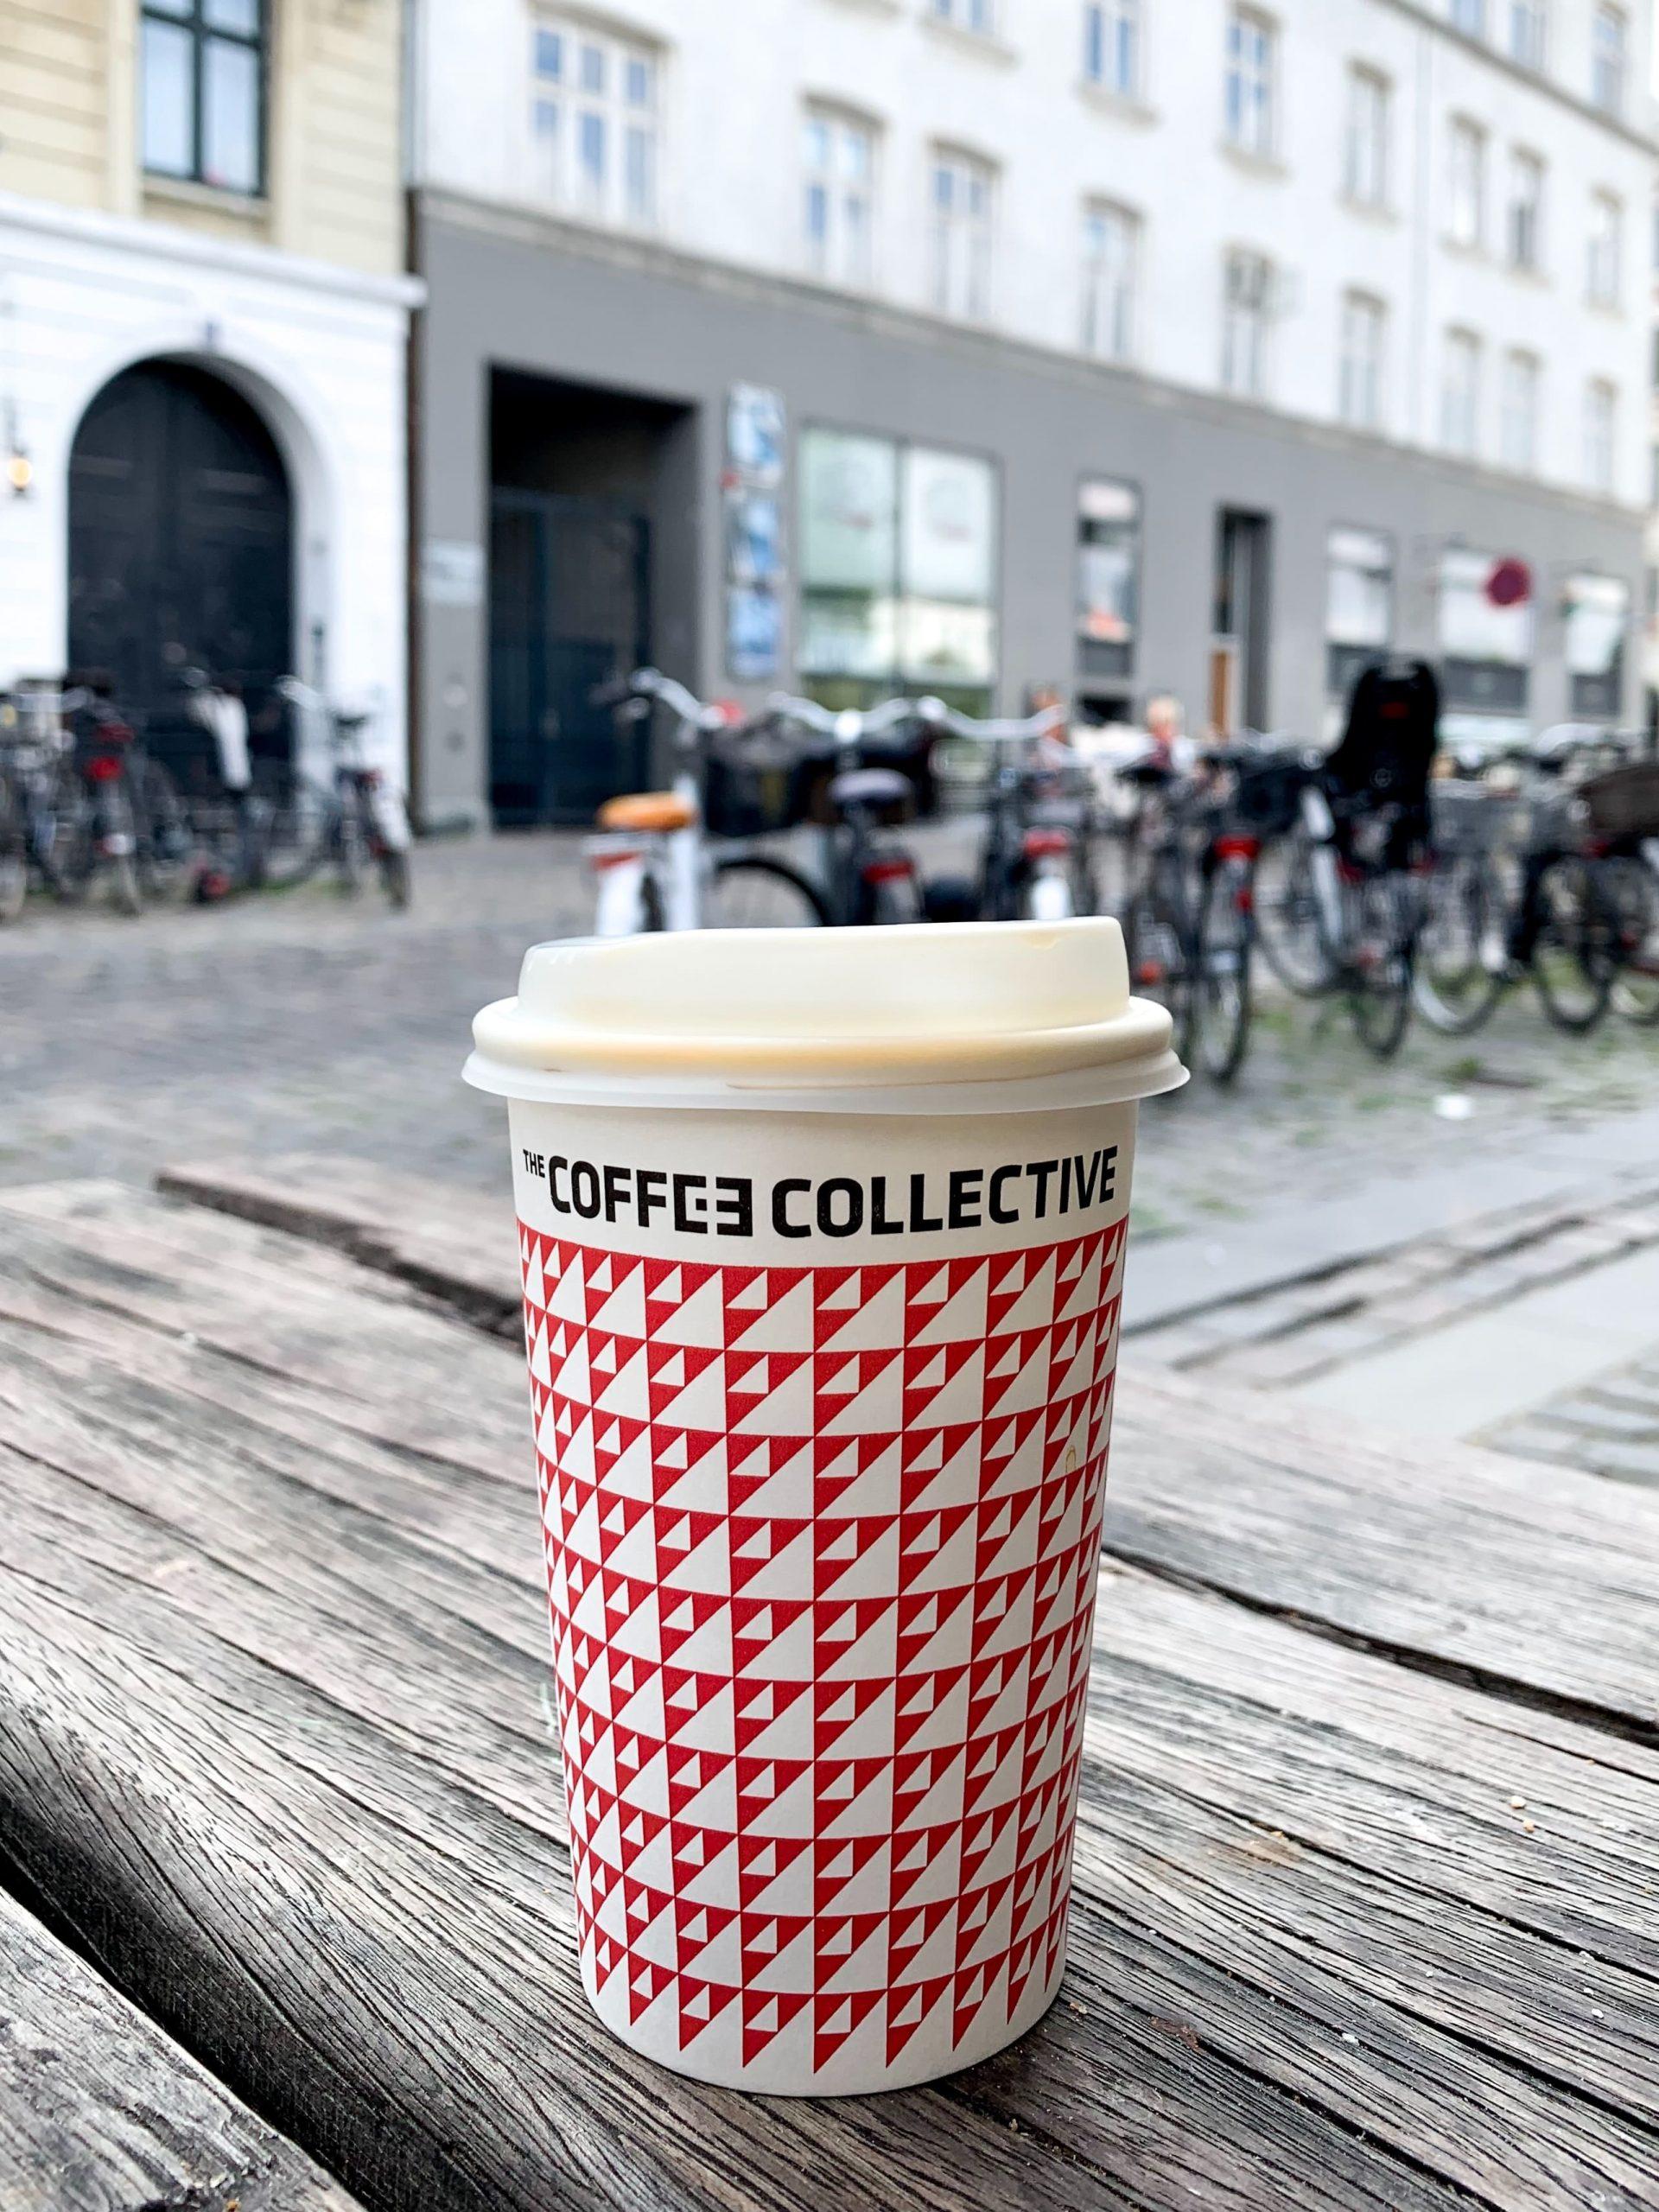 Copenhagen city